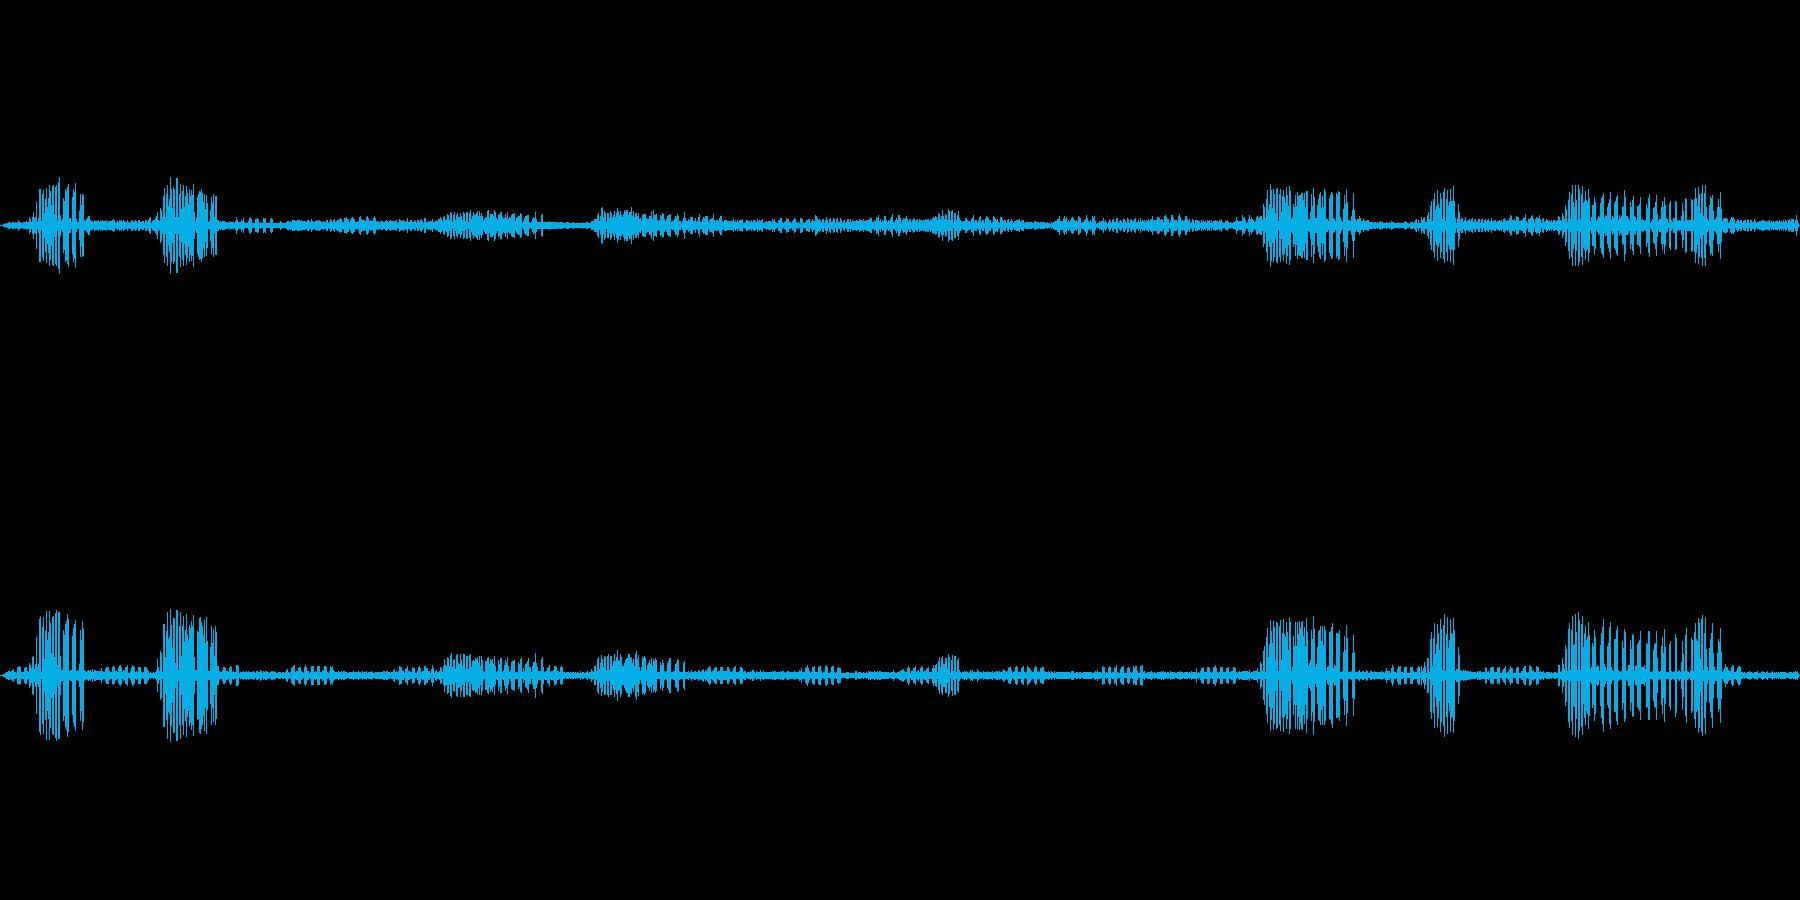 鈴虫,コオロギ/秋の夜/ループ可能!01の再生済みの波形